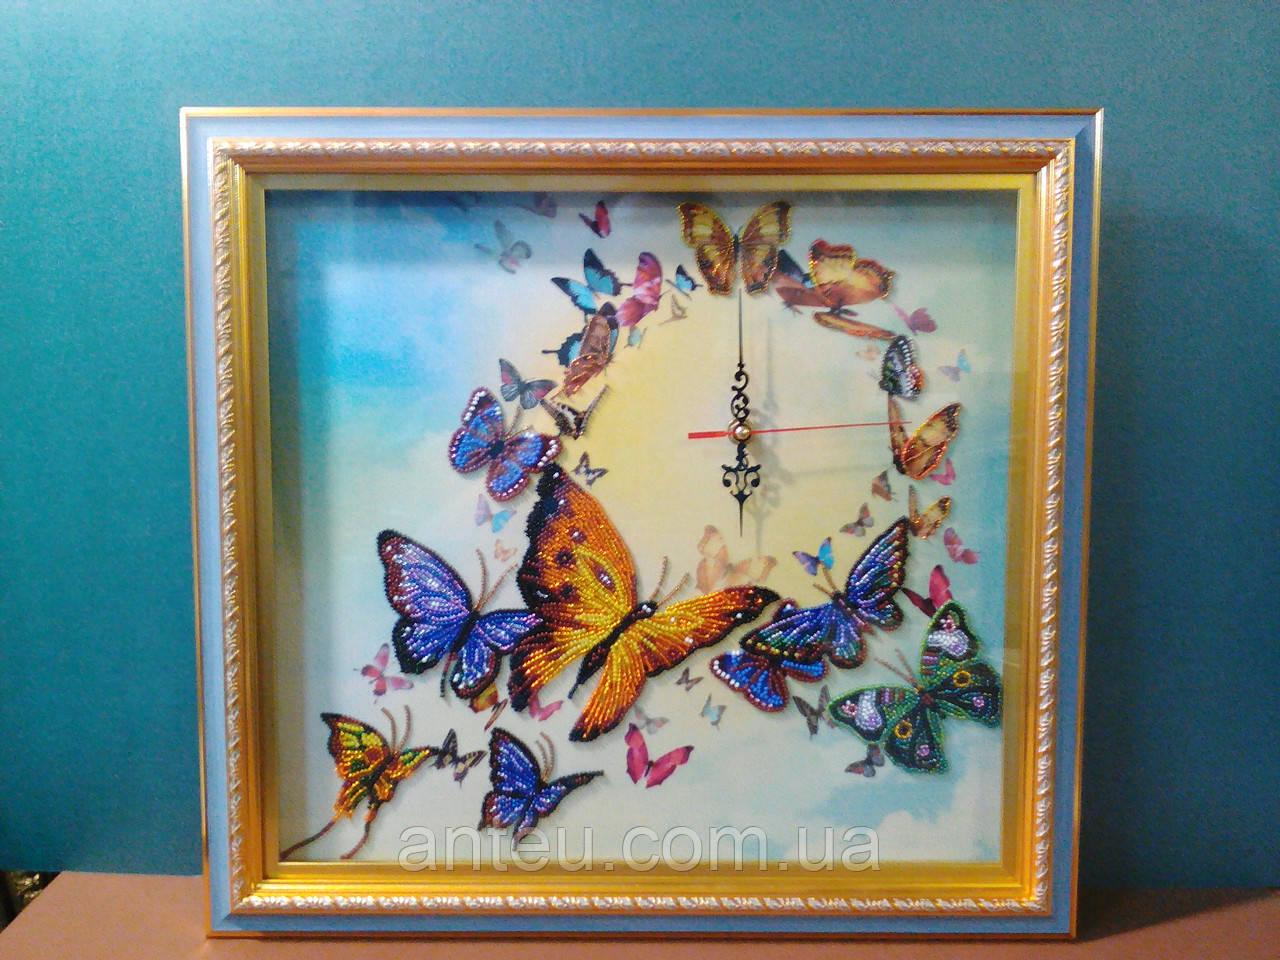 Своими руками раму для бабочек